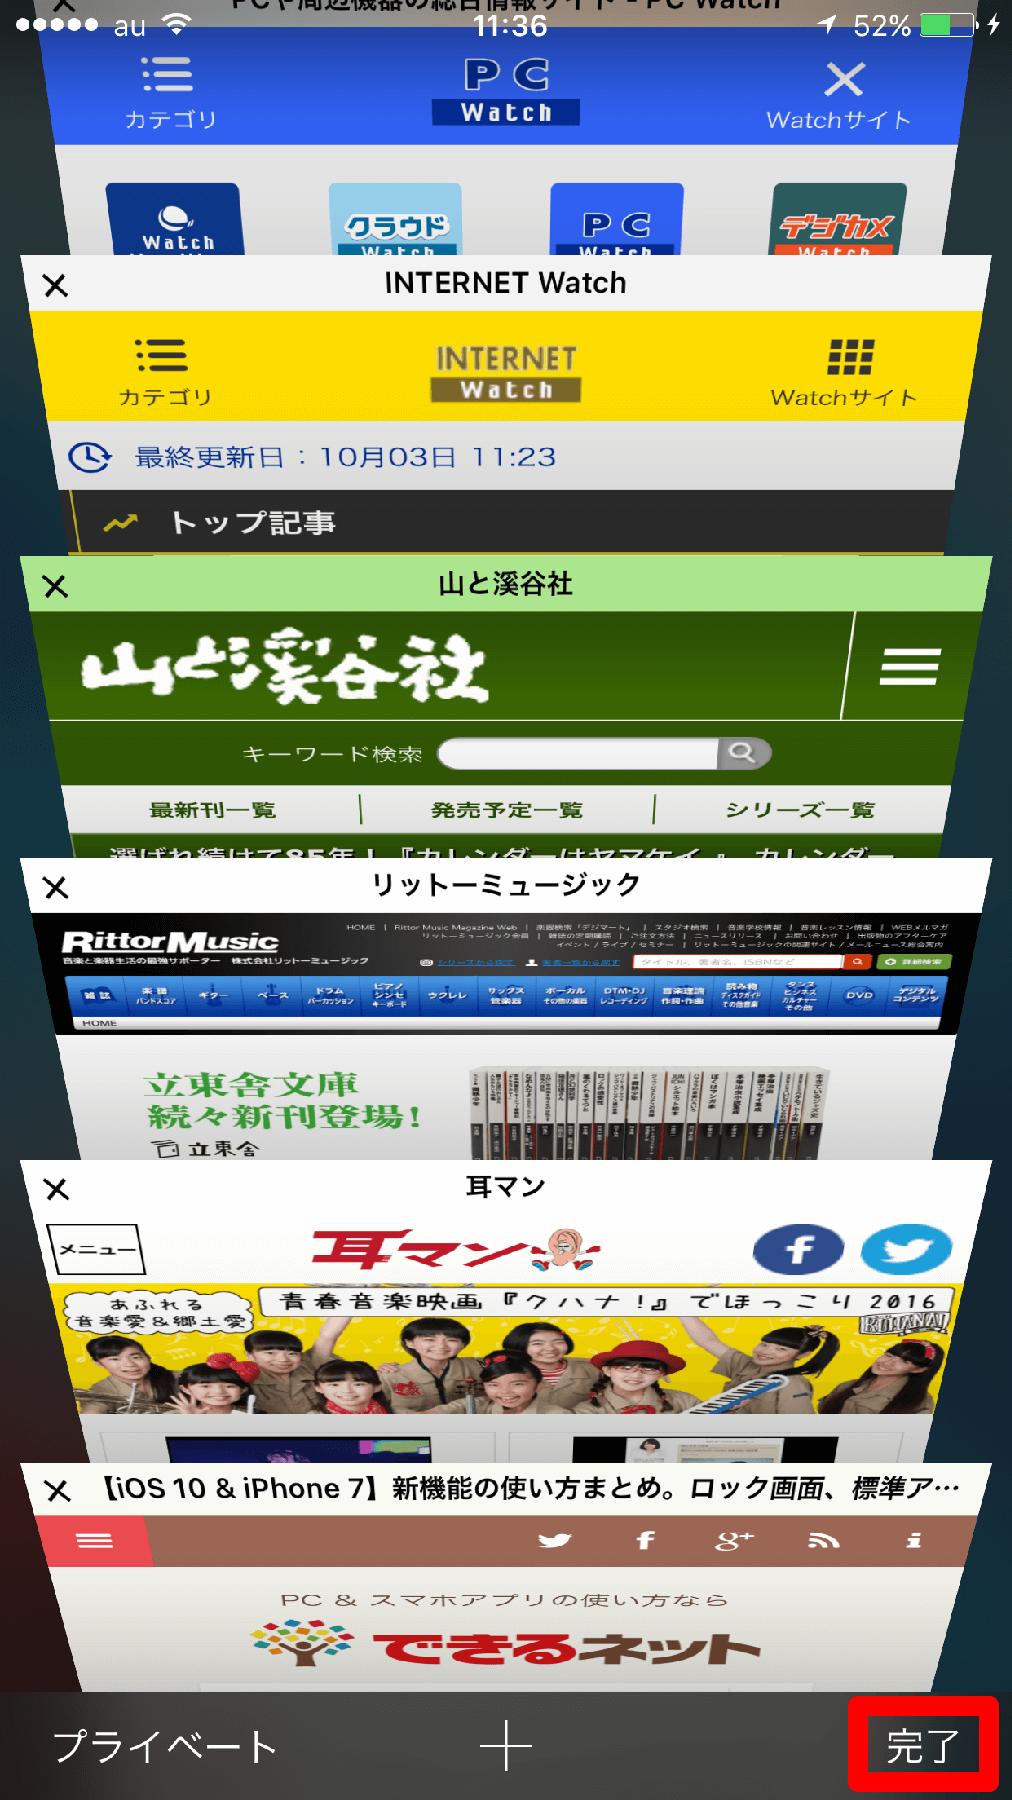 iPhoneのSafariでタブの一覧が表示された画面